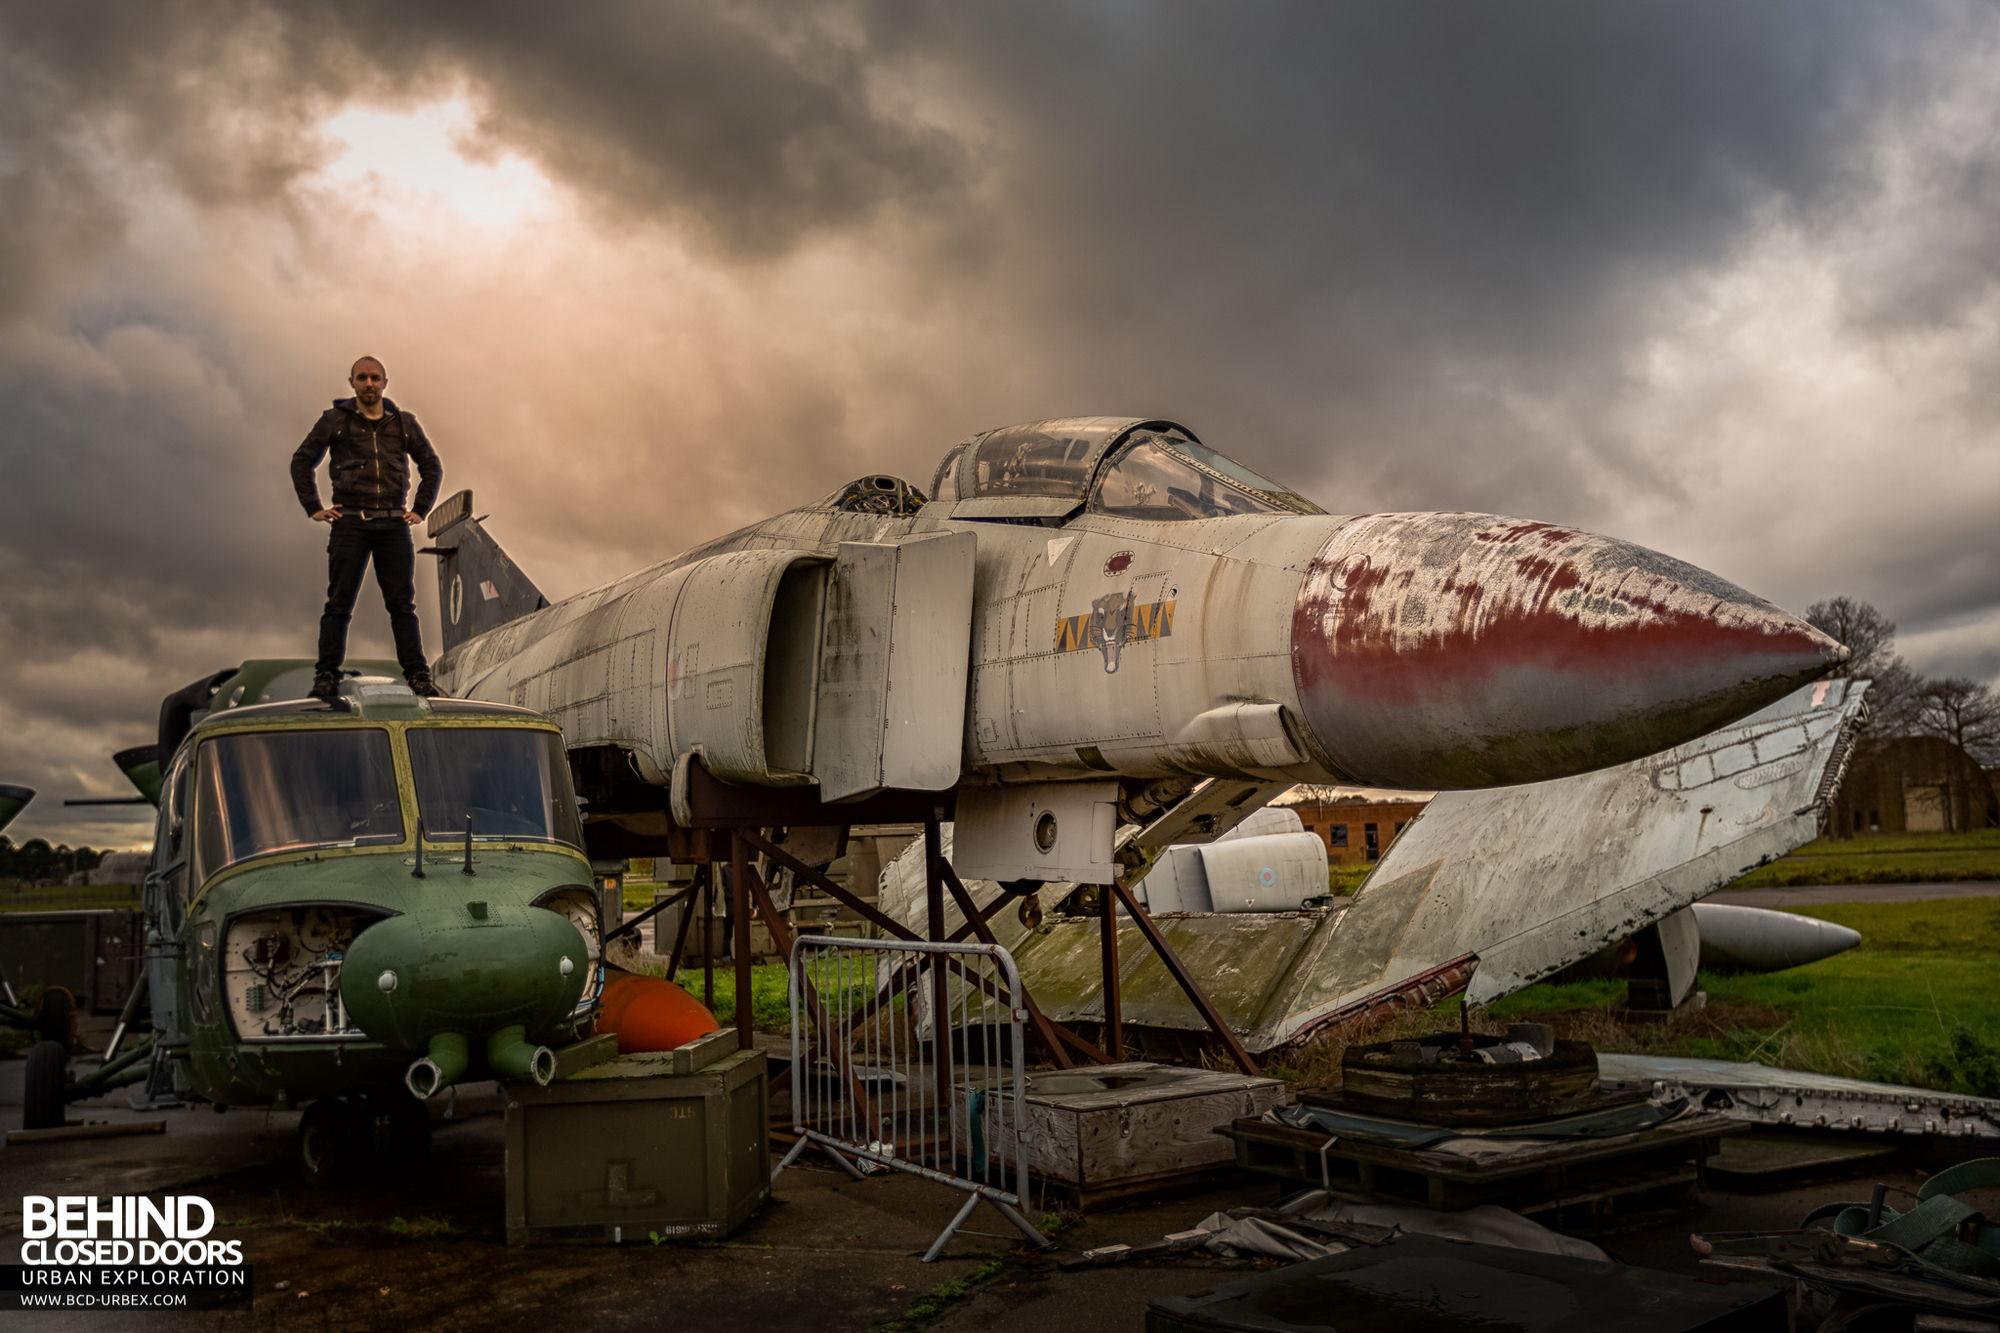 RAF Bentwaters - Selfie!